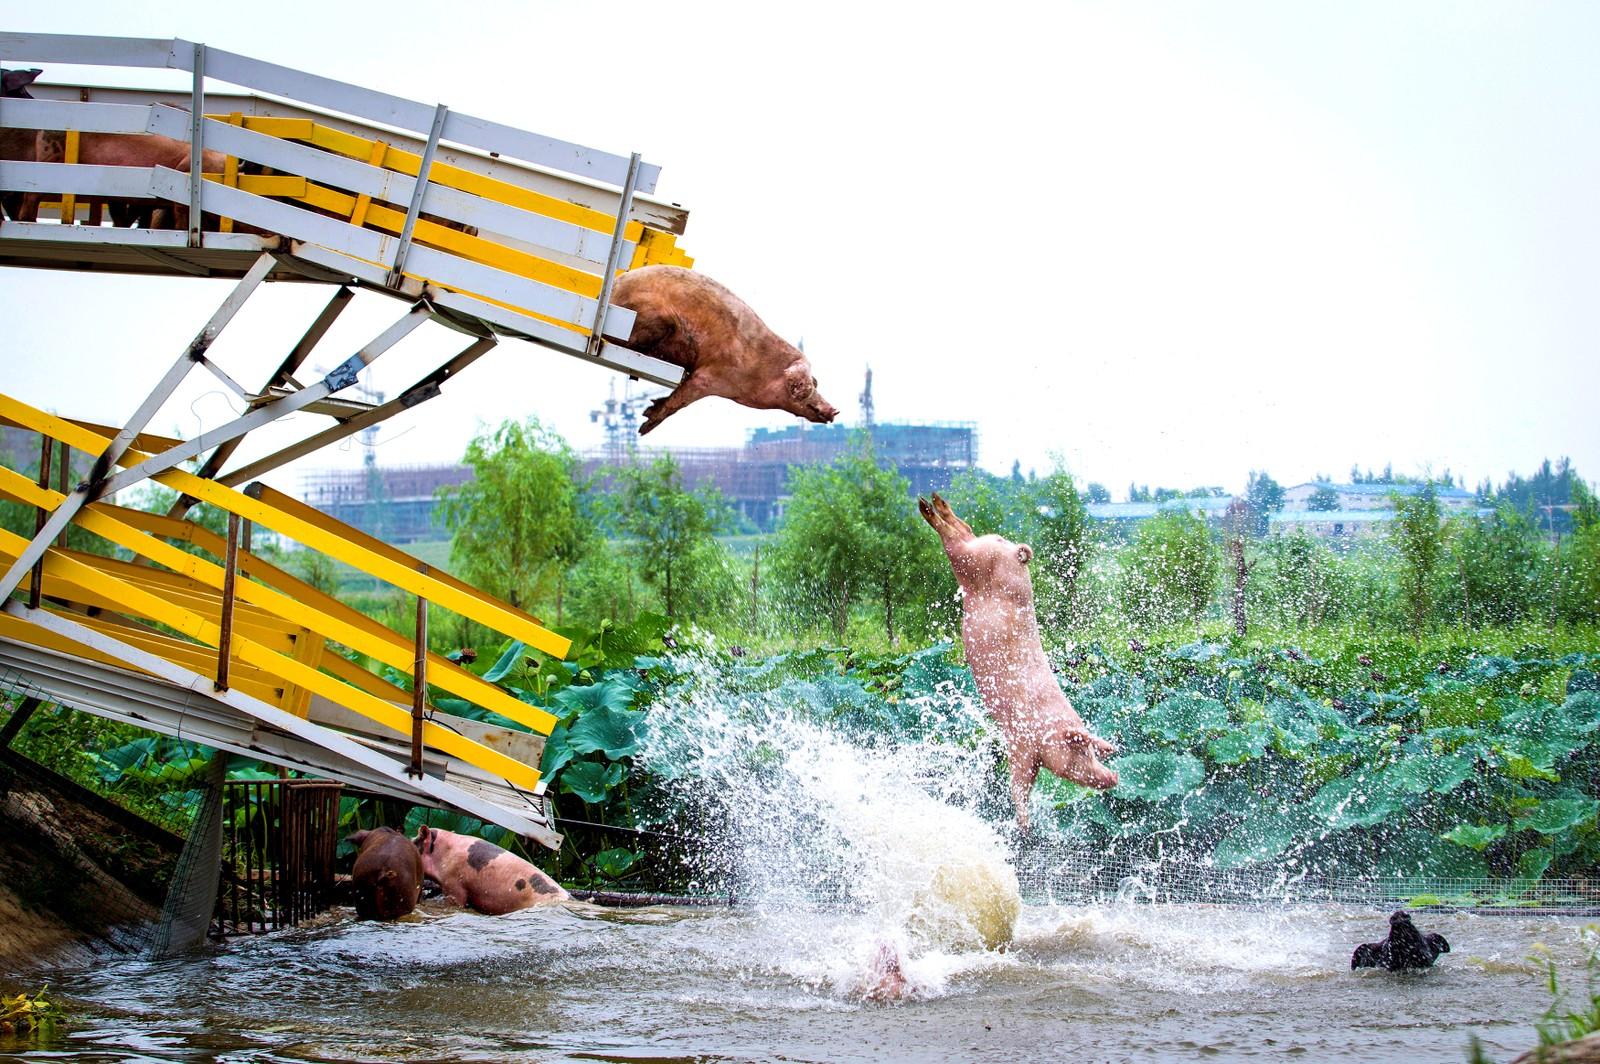 Dagens bad på en grisegård i Shenyang i Kina.